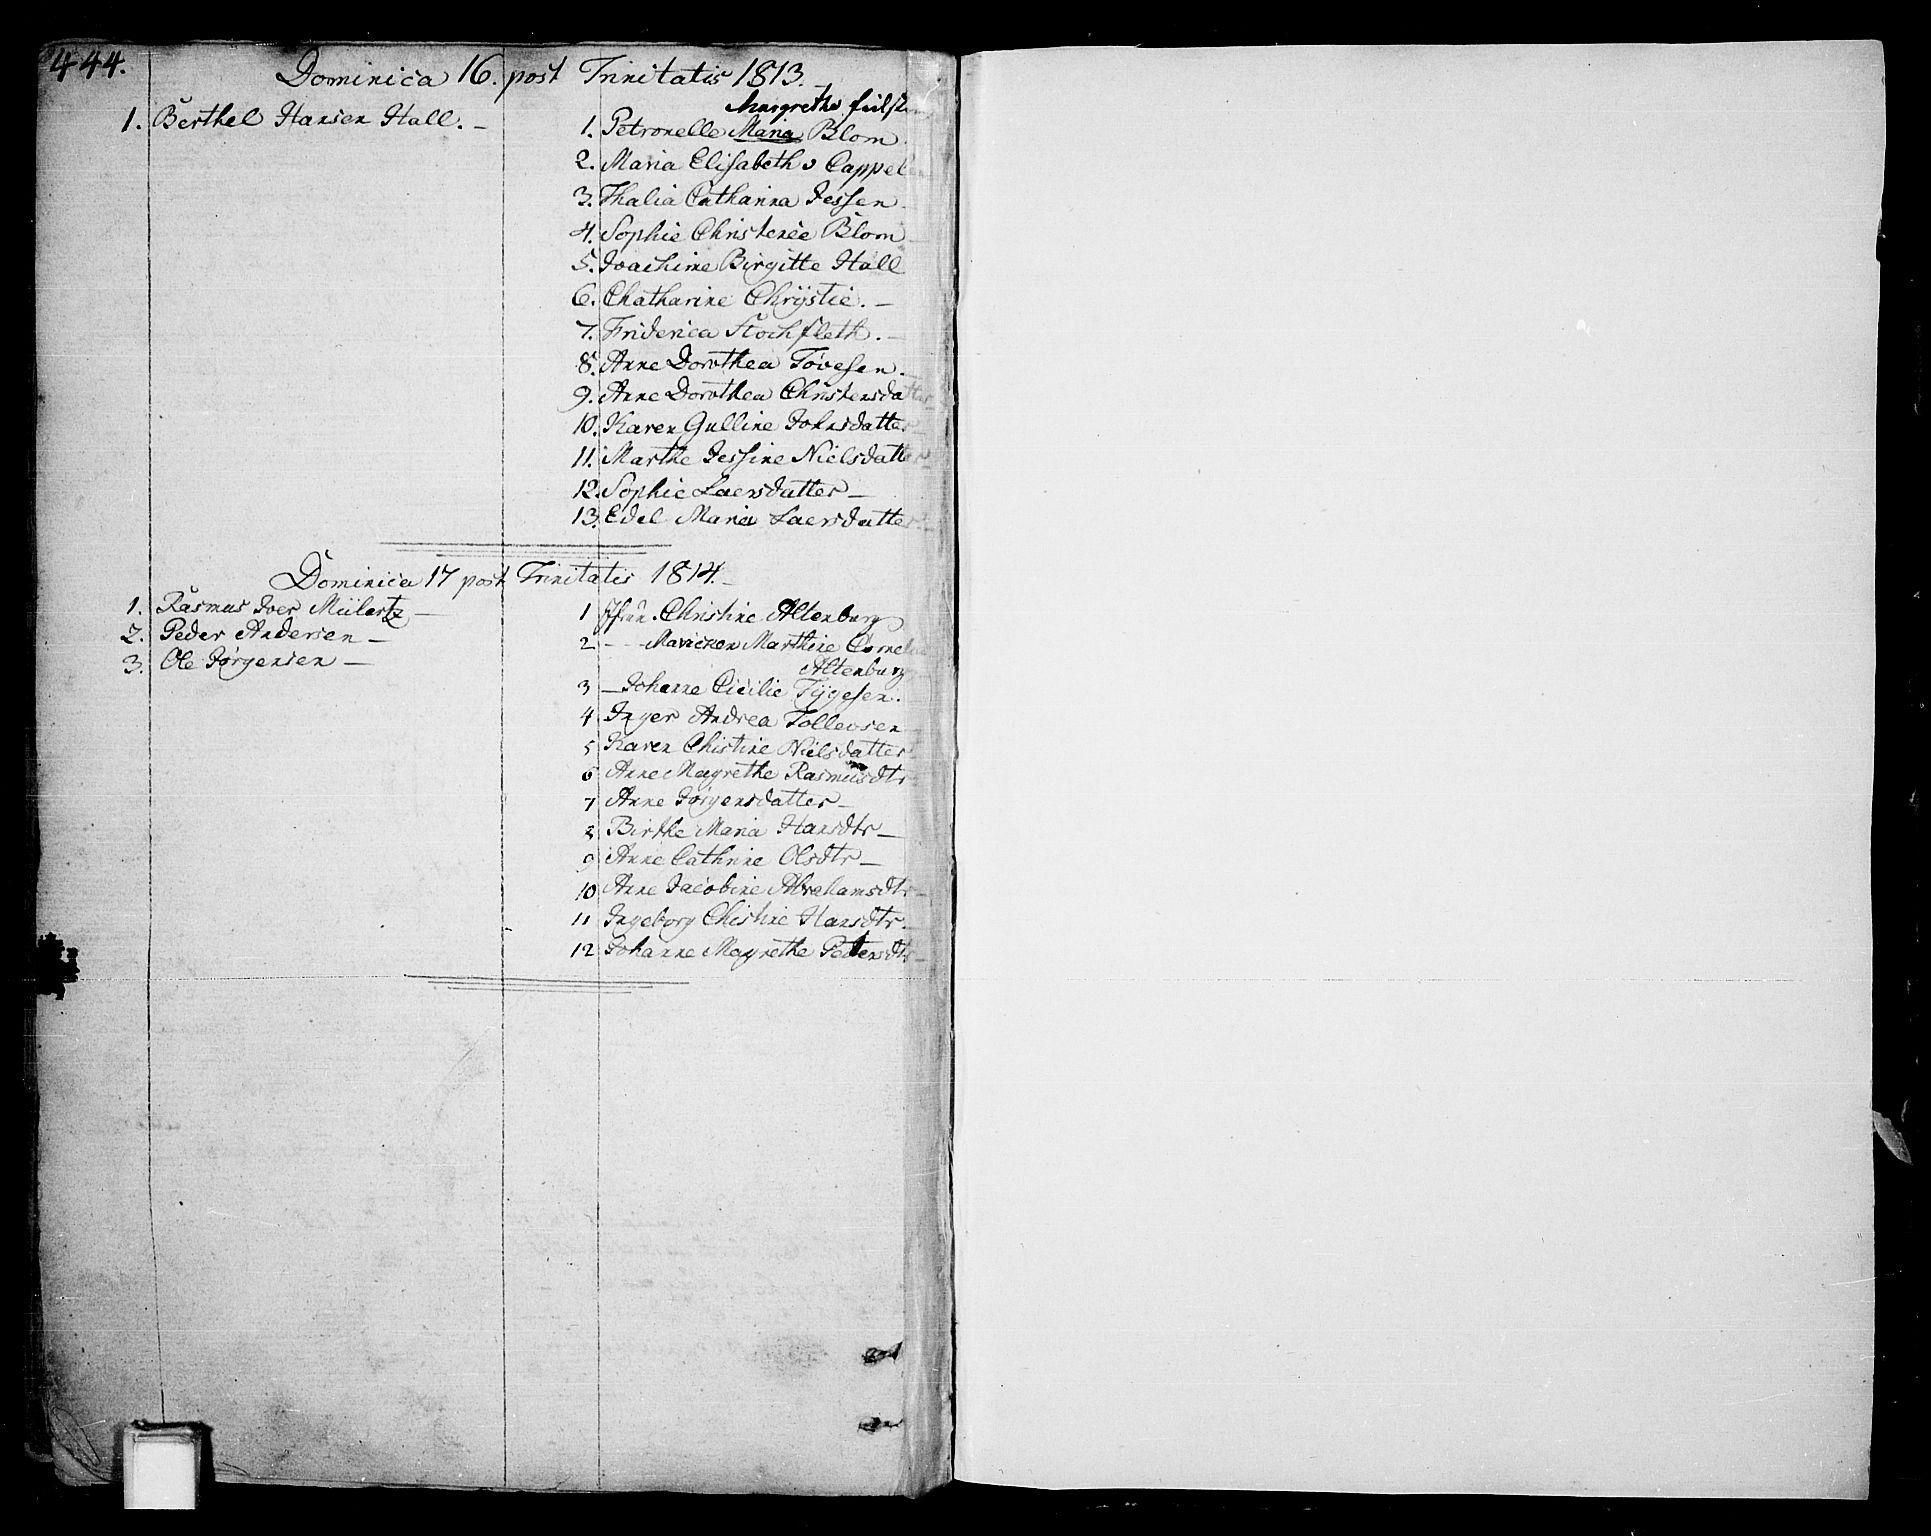 SAKO, Skien kirkebøker, F/Fa/L0004: Ministerialbok nr. 4, 1792-1814, s. 444-445